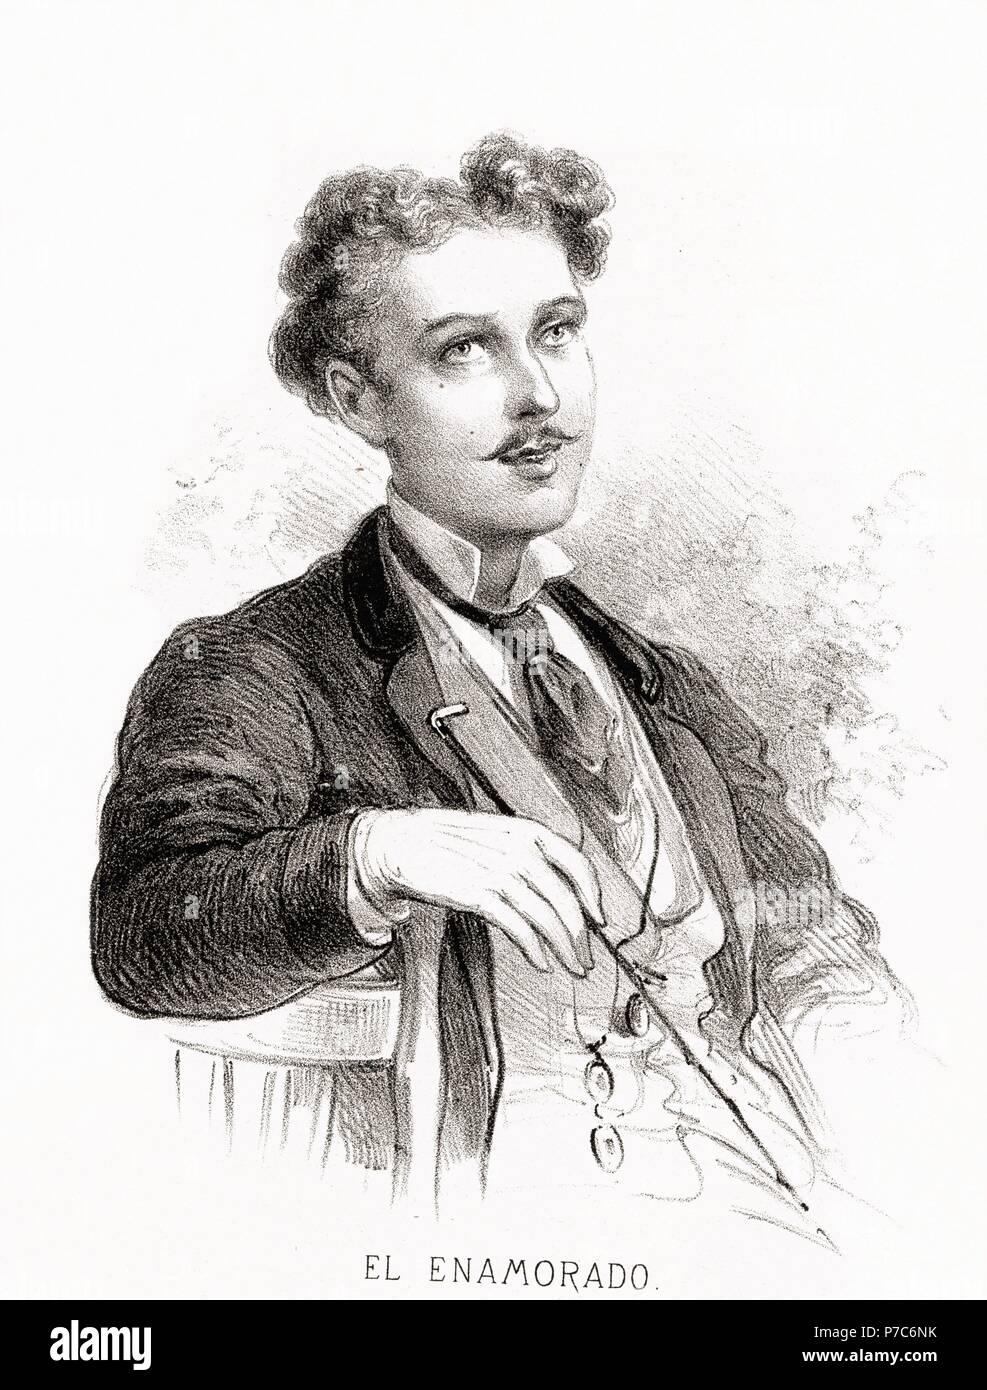 Carácteres del individuo. Hombre enamorado. Grabado de 1870. Foto de stock